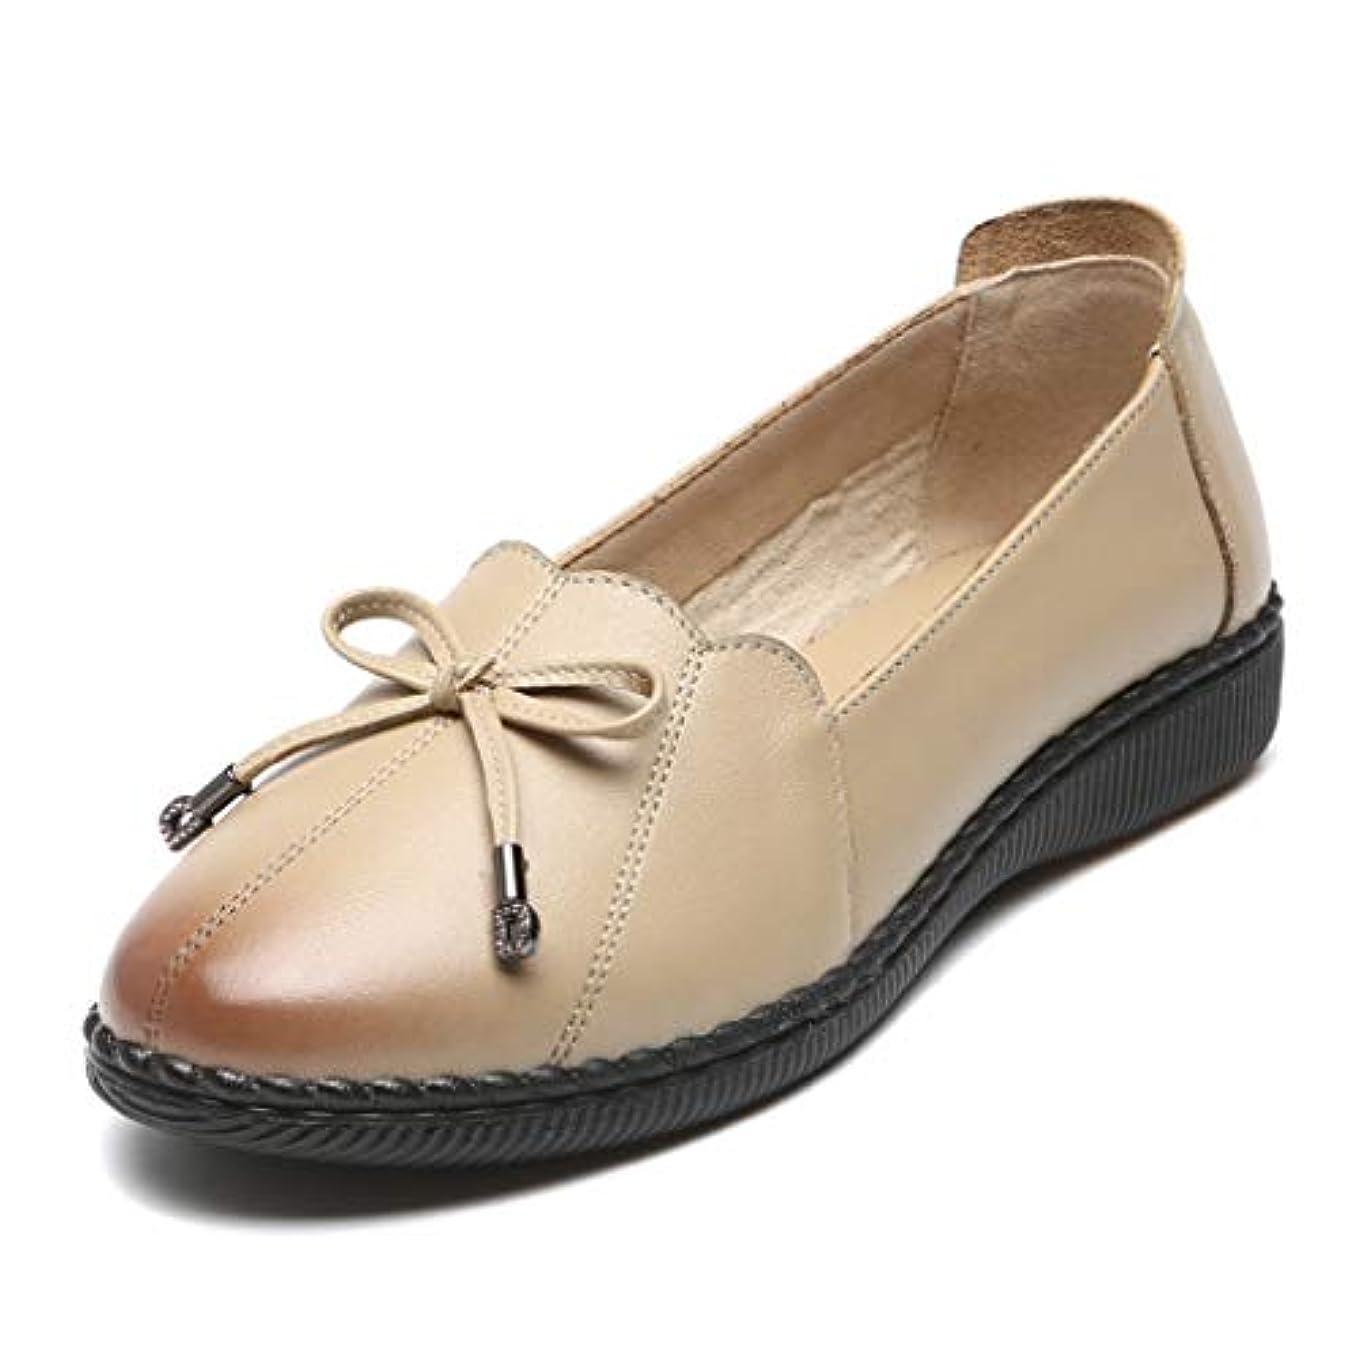 炭素巻き取りセンブランス[実りの秋] シニアシューズ レディース 26.5CMまで お年寄りシューズ リボン 疲れにくい 滑り止め 婦人靴 モカシン 介護用 軽量 安定感 通気性 高齢者 母の日 敬老の日 通年